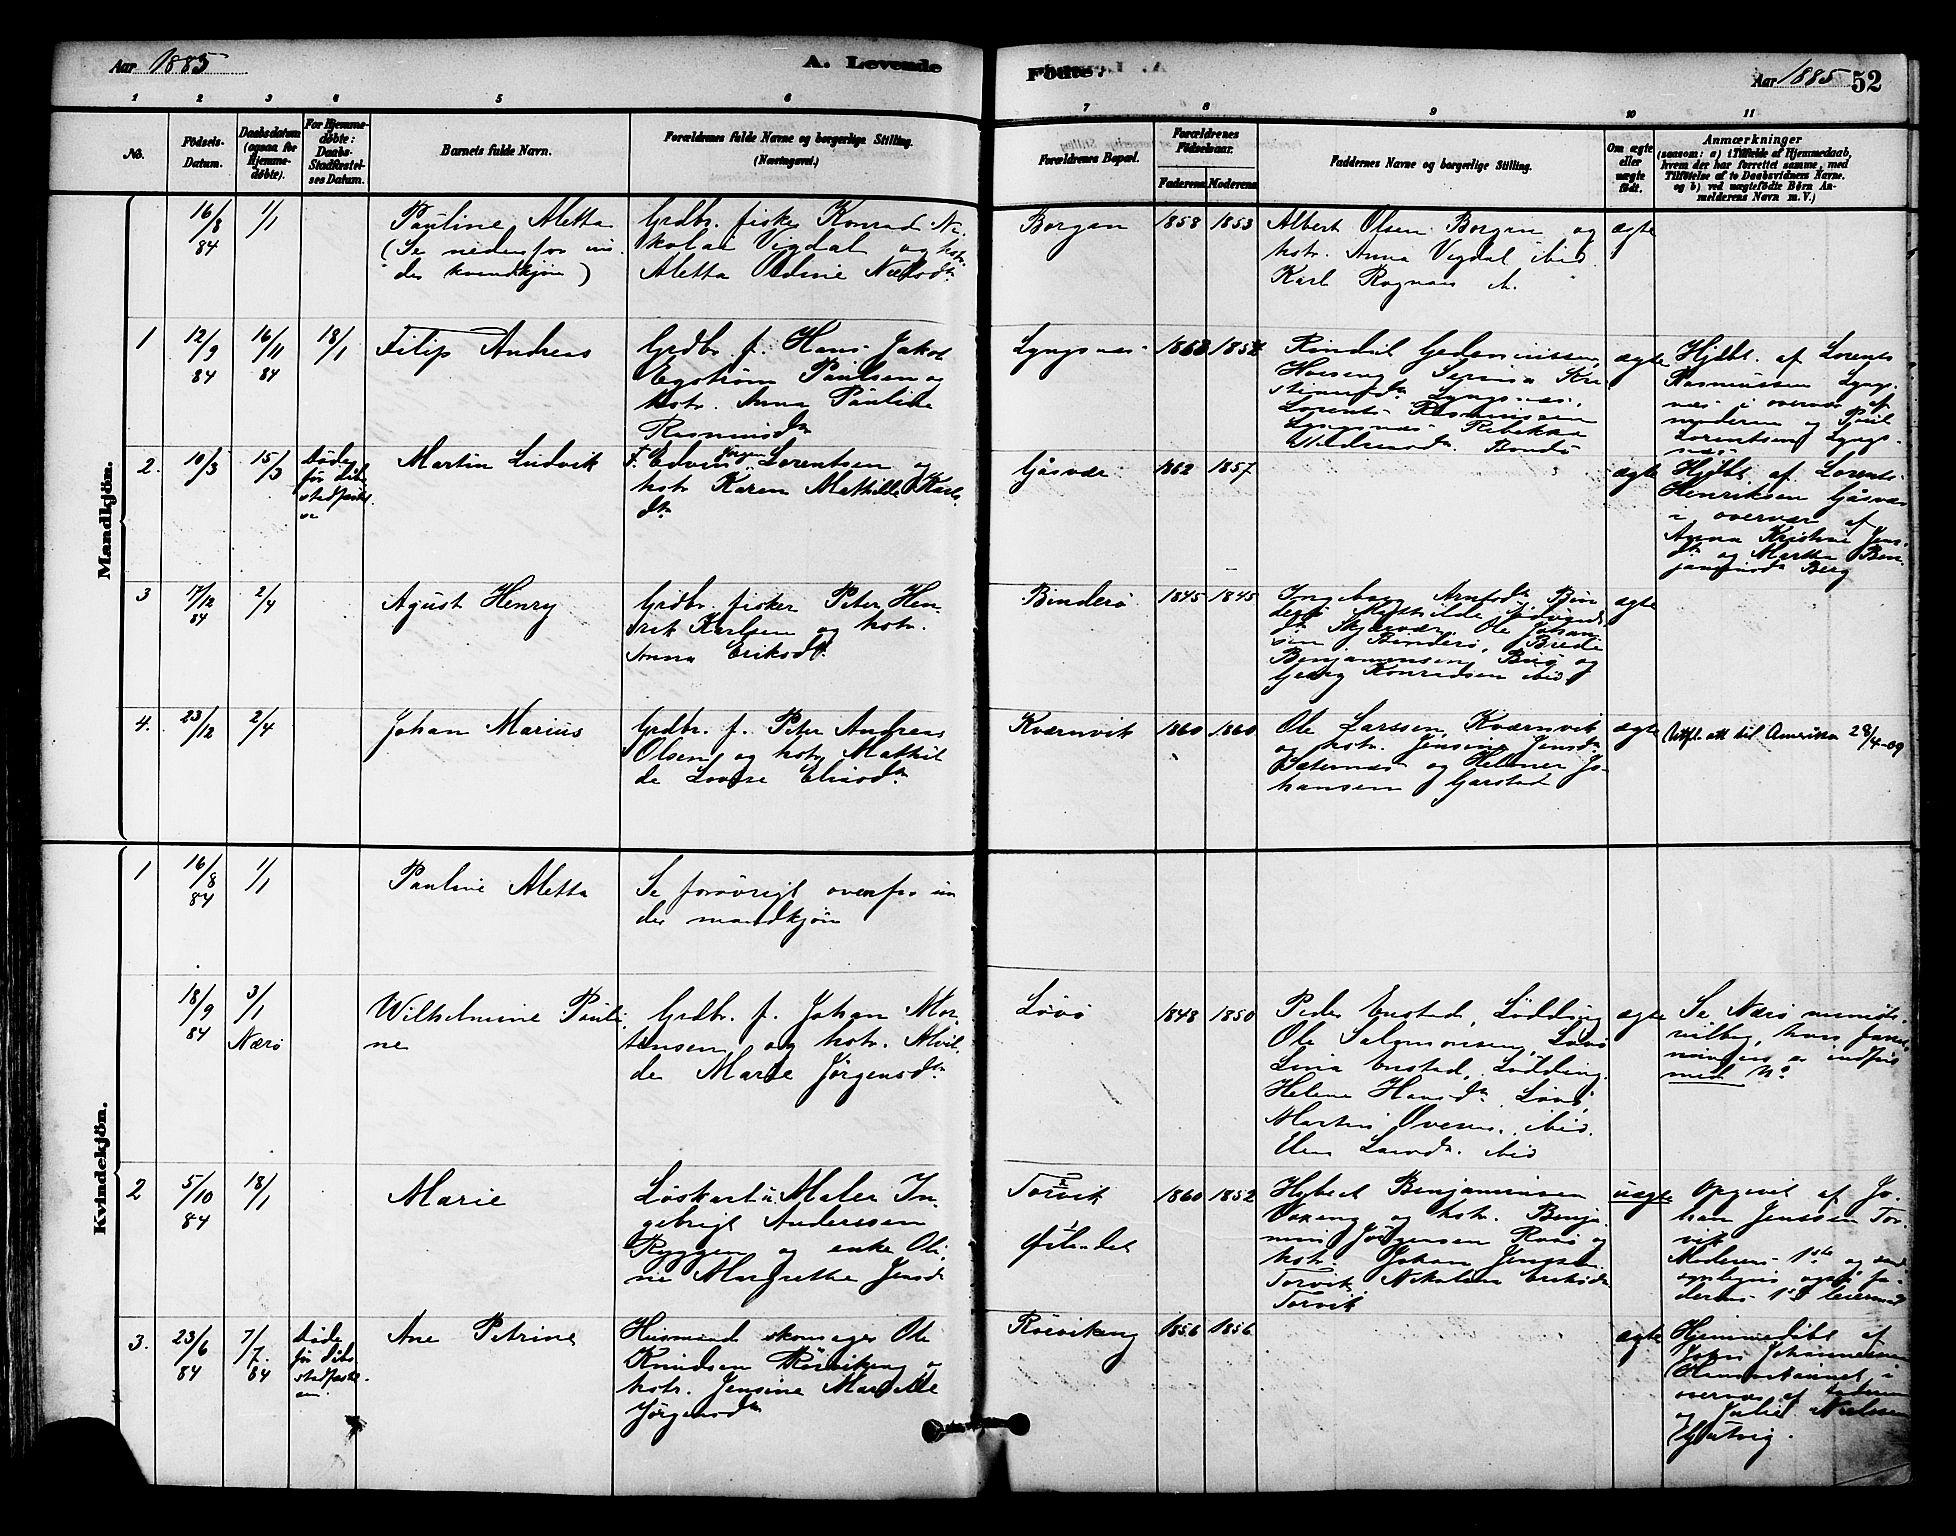 SAT, Ministerialprotokoller, klokkerbøker og fødselsregistre - Nord-Trøndelag, 786/L0686: Ministerialbok nr. 786A02, 1880-1887, s. 52